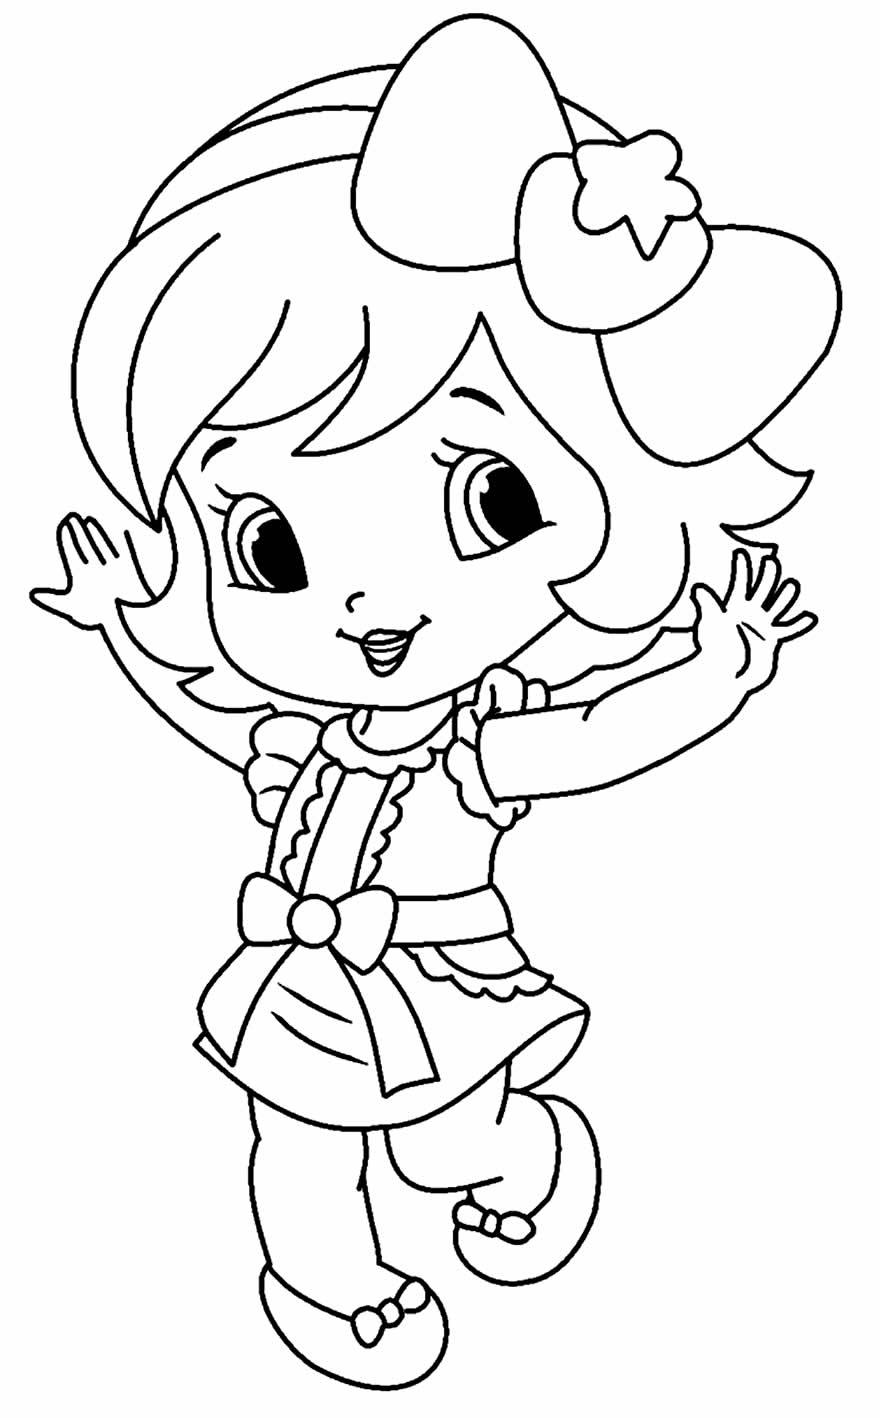 Desenho da Moranguinho para pintar e colorir